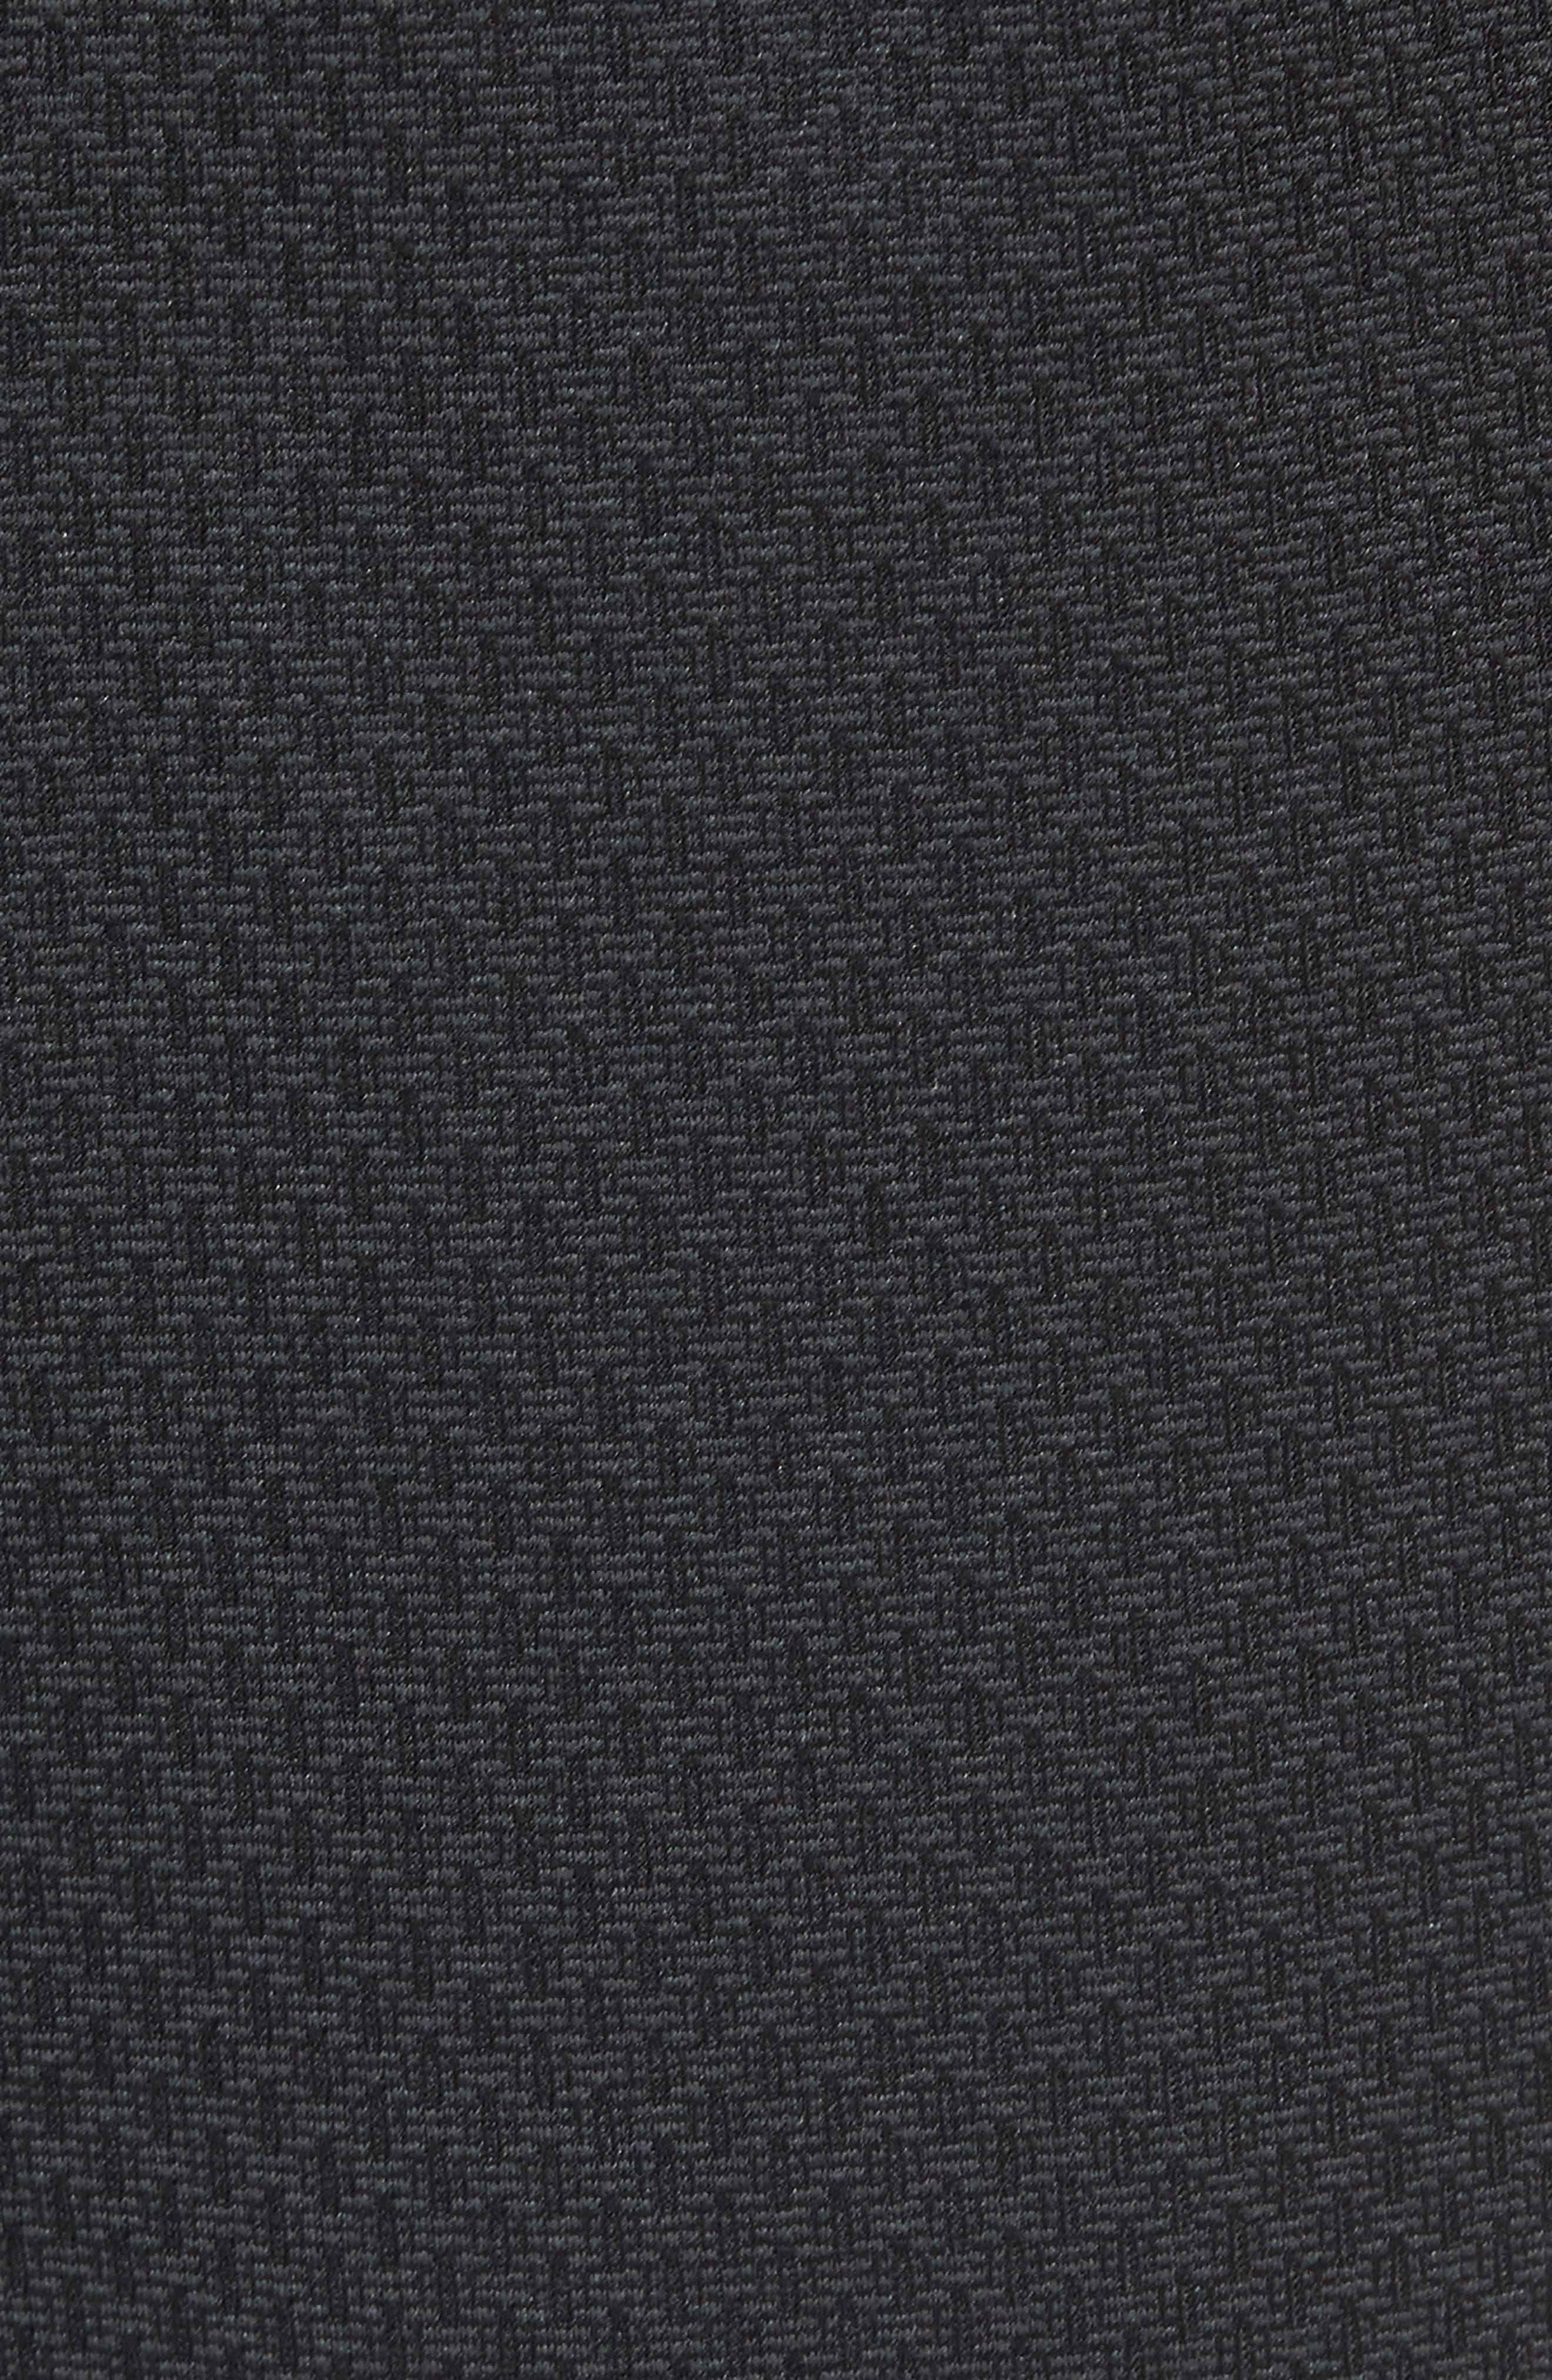 Tencity Knit Shorts,                             Alternate thumbnail 5, color,                             Black